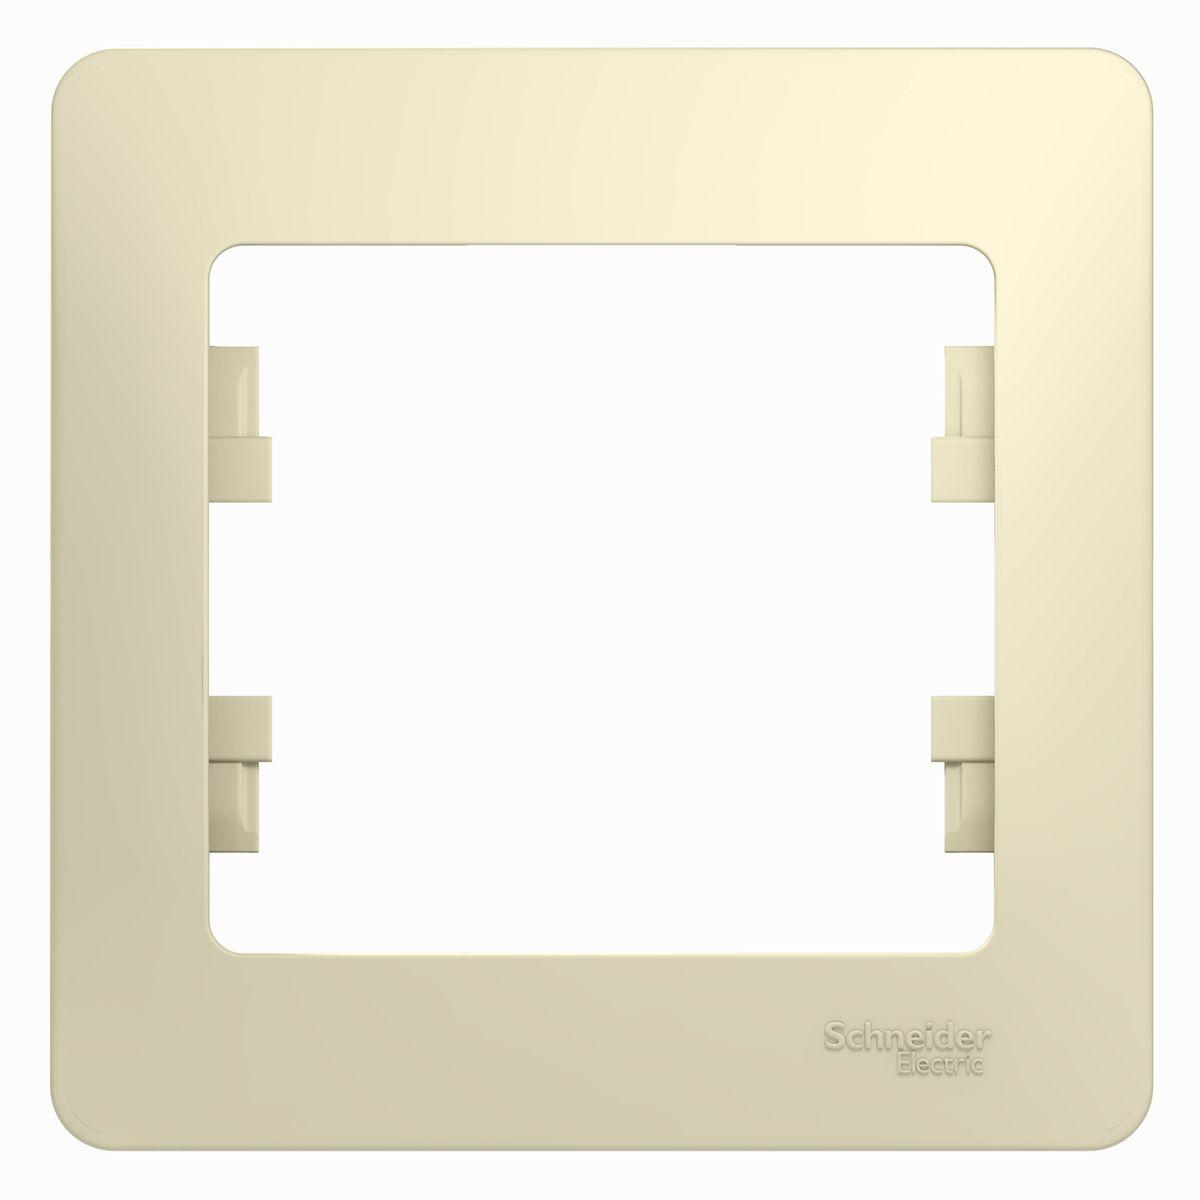 Рамка для встраиваемой розетки Schneider Electric Glossa, на 1 пост, цвет: бежевыйGSL000201Рамка Schneider Electric Glossa выполнена из пластика и используется для окантовки встраиваемой розетки. Рамка отвечает основным требованиям безопасности и удобства монтажа. Современный дизайн и элегантная цветовая гамма подойдут к любому интерьеру. Размер рамки: 8,5 х 8,5 х 1 см.